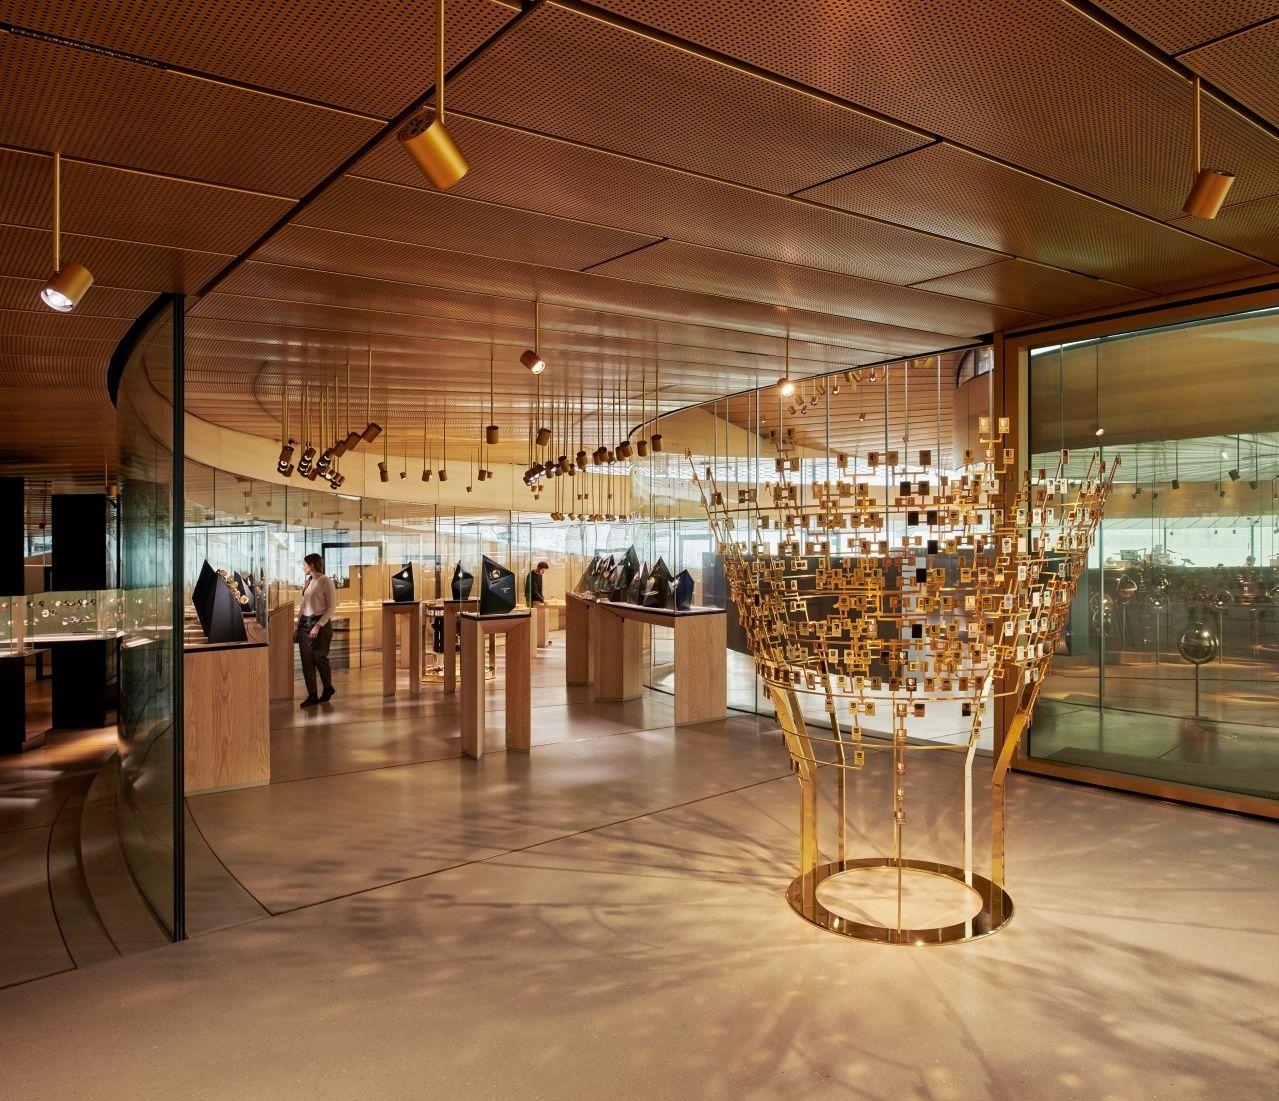 由德國博物館設計團隊ATB(Atelier Brückner)設計的展場,讓觀眾親歷其境體驗愛彼的創作世界。值得一看的是這棵3D家譜樹,以富有藝術感的方式介紹汝拉山谷最重要的製錶家族 by Audemars Piguet。